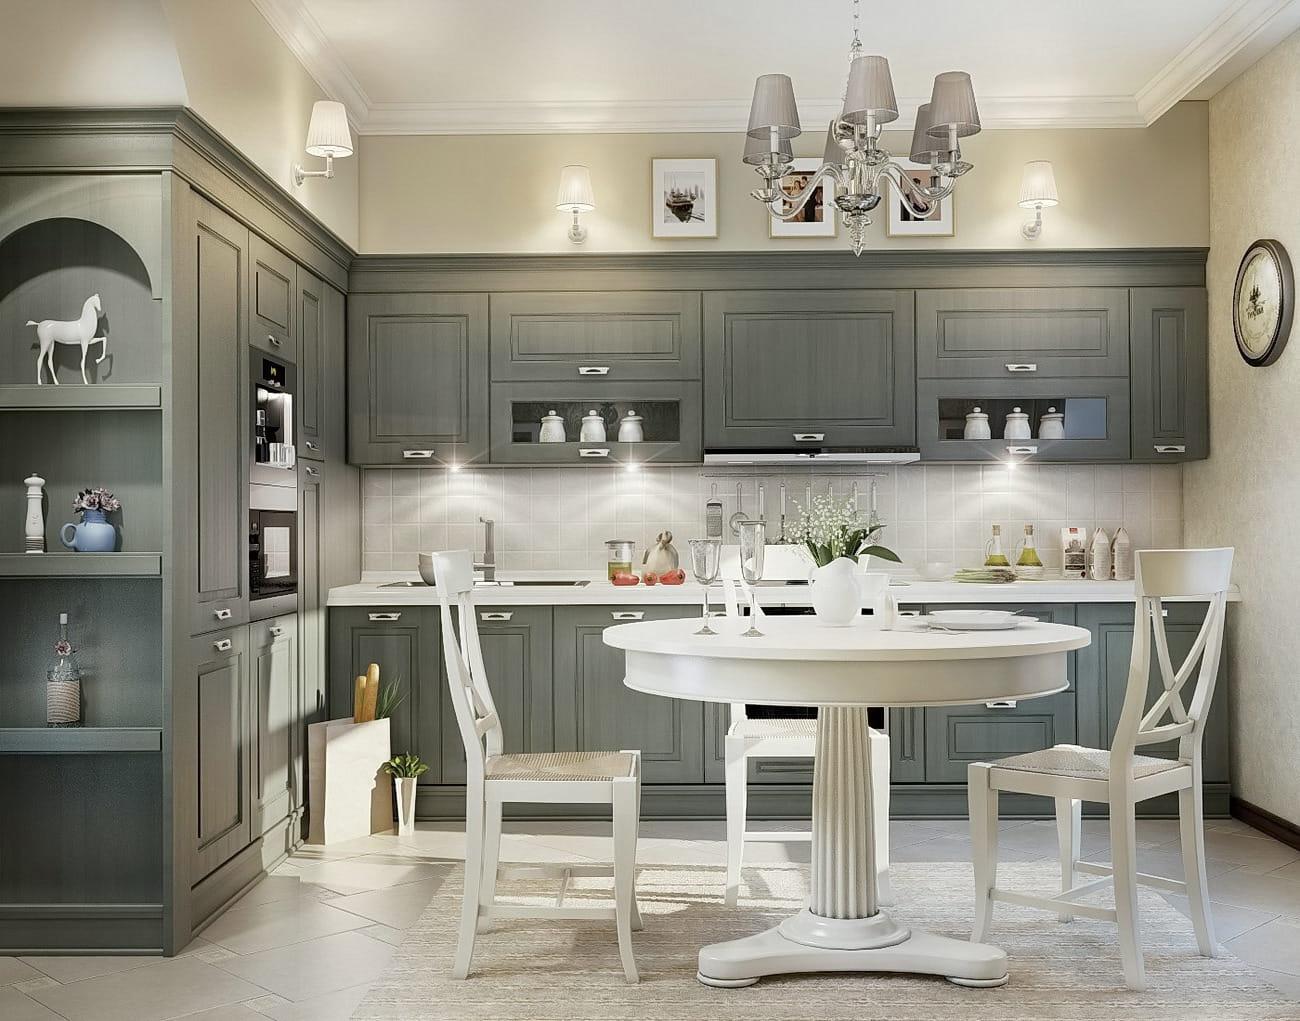 Богатство оформления серой кухни в классическом стиле просматривается в каждом сантиметре её площади